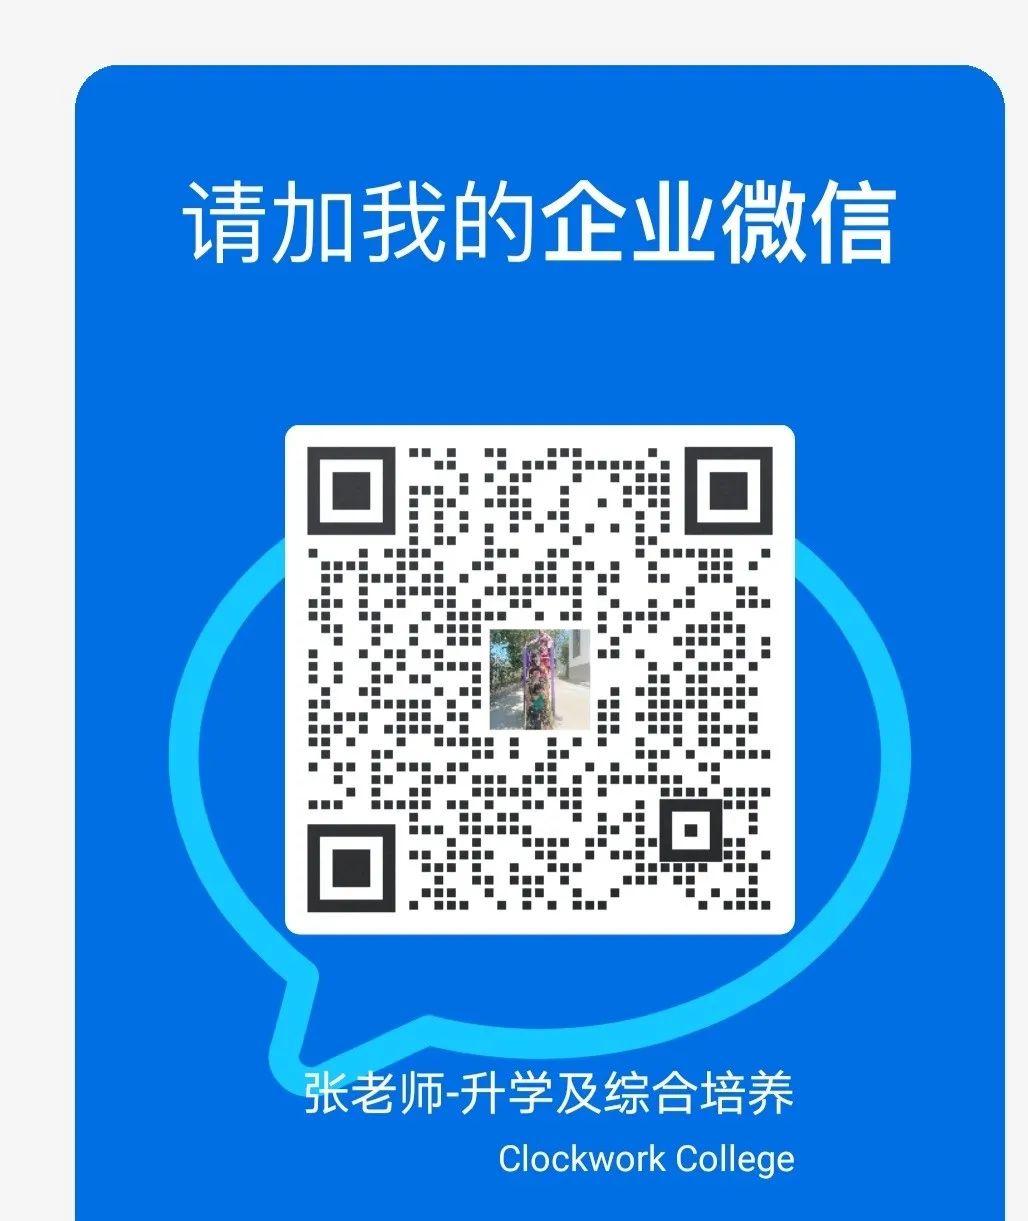 """""""少年农场主""""乡村振兴及教育公益项目简介"""